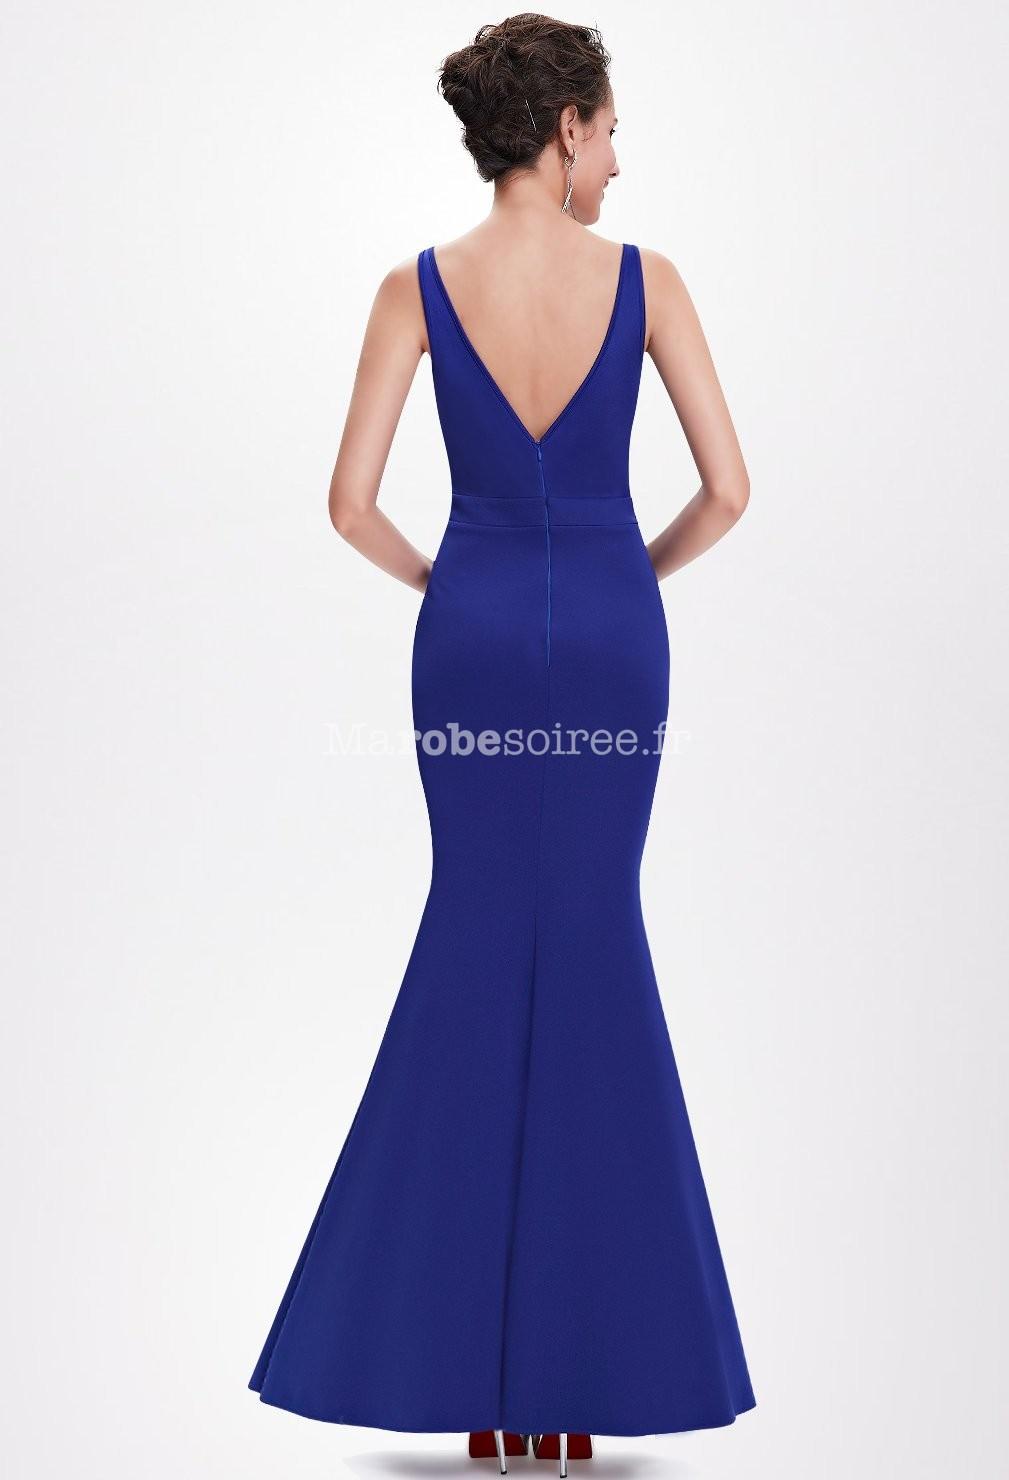 robe de bal moulante en bleu forme sir ne. Black Bedroom Furniture Sets. Home Design Ideas